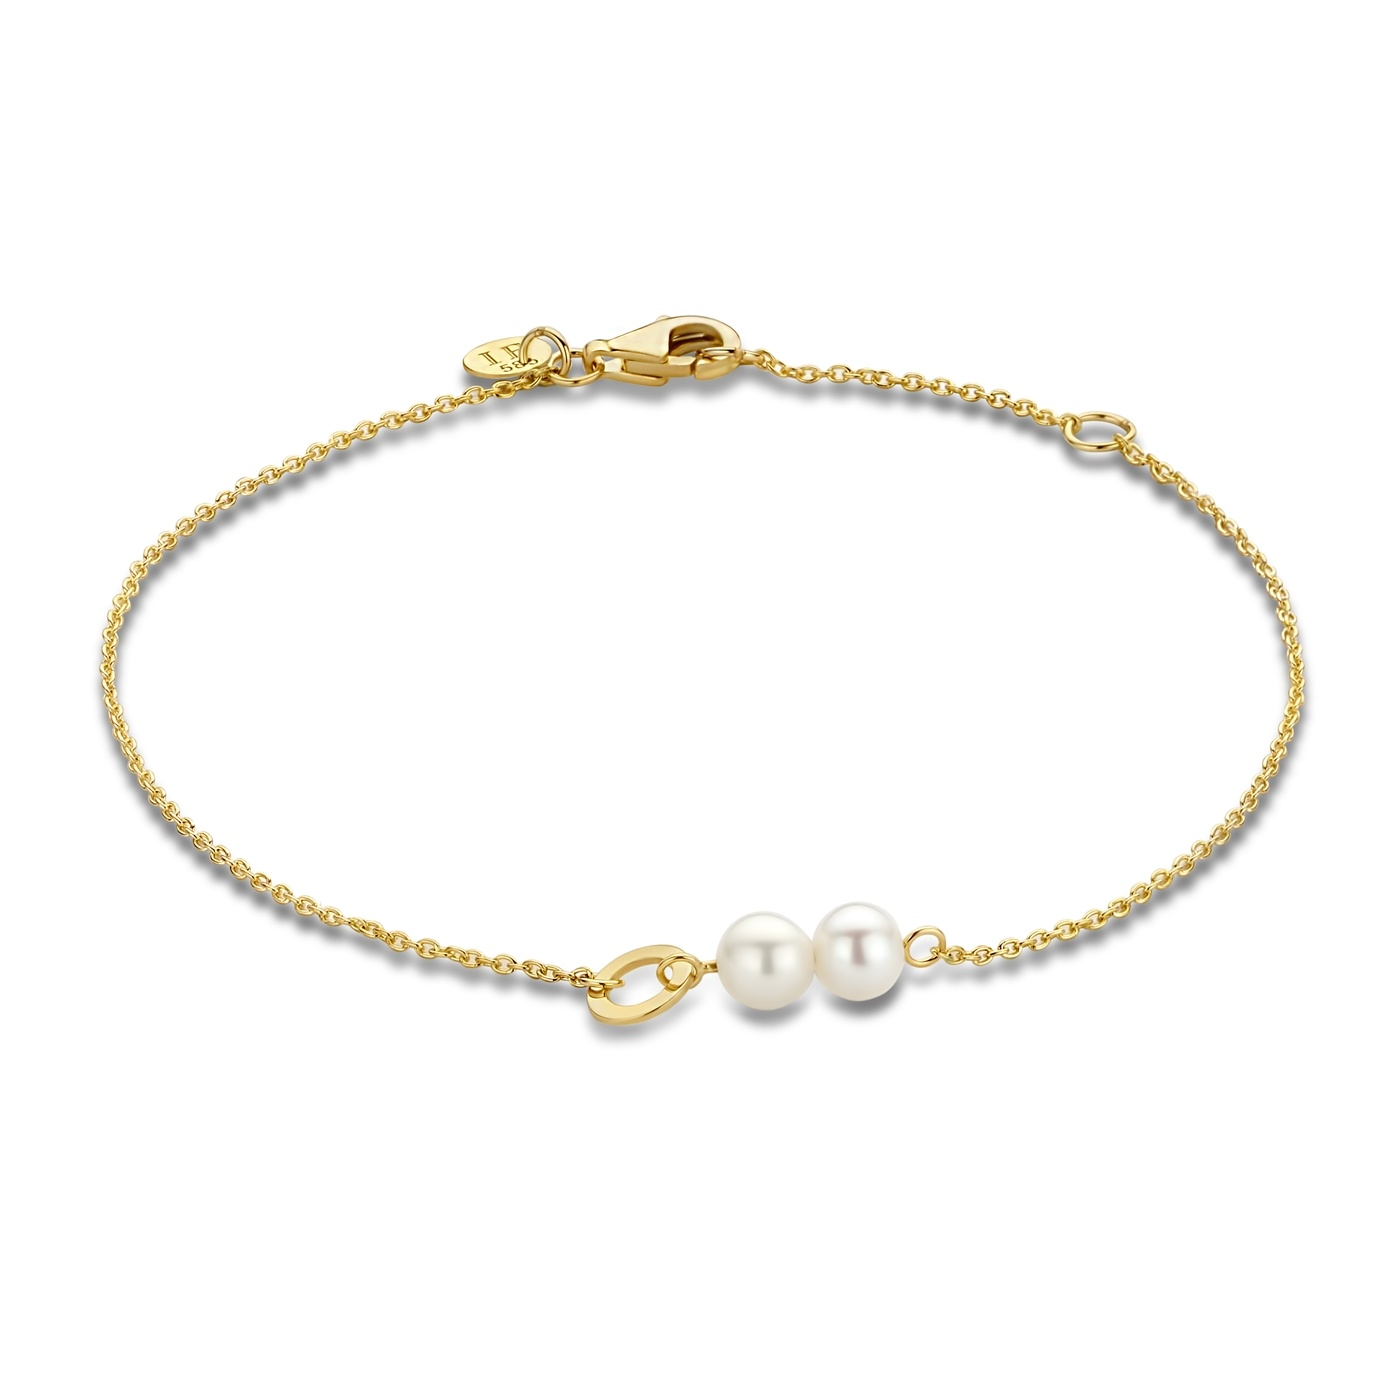 Isabel Bernard Belleville Mila 14 carat gold bracelet